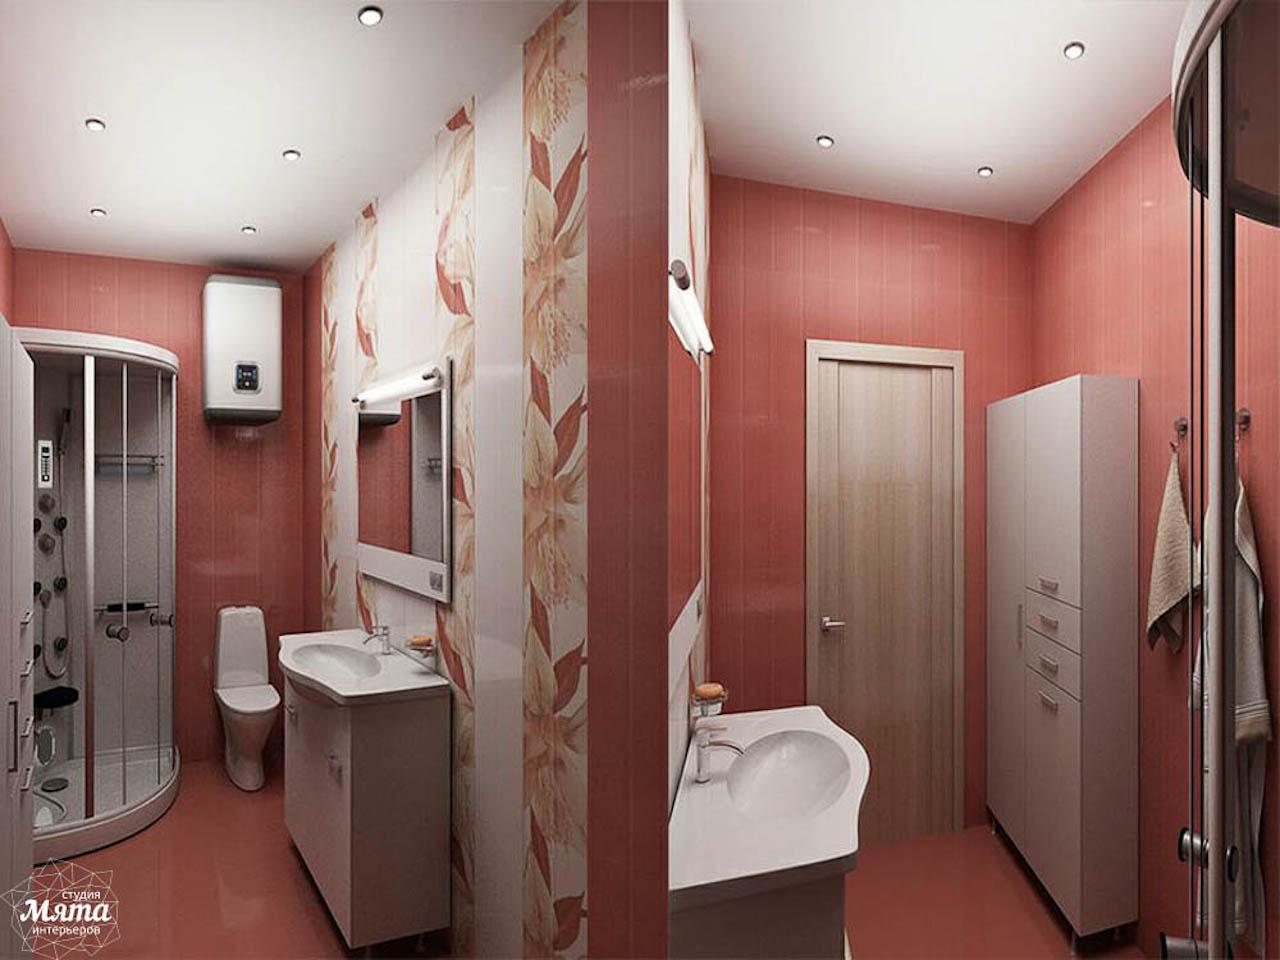 Дизайн интерьера трехкомнатной квартиры по ул. Грибоедова 26 img1251226803